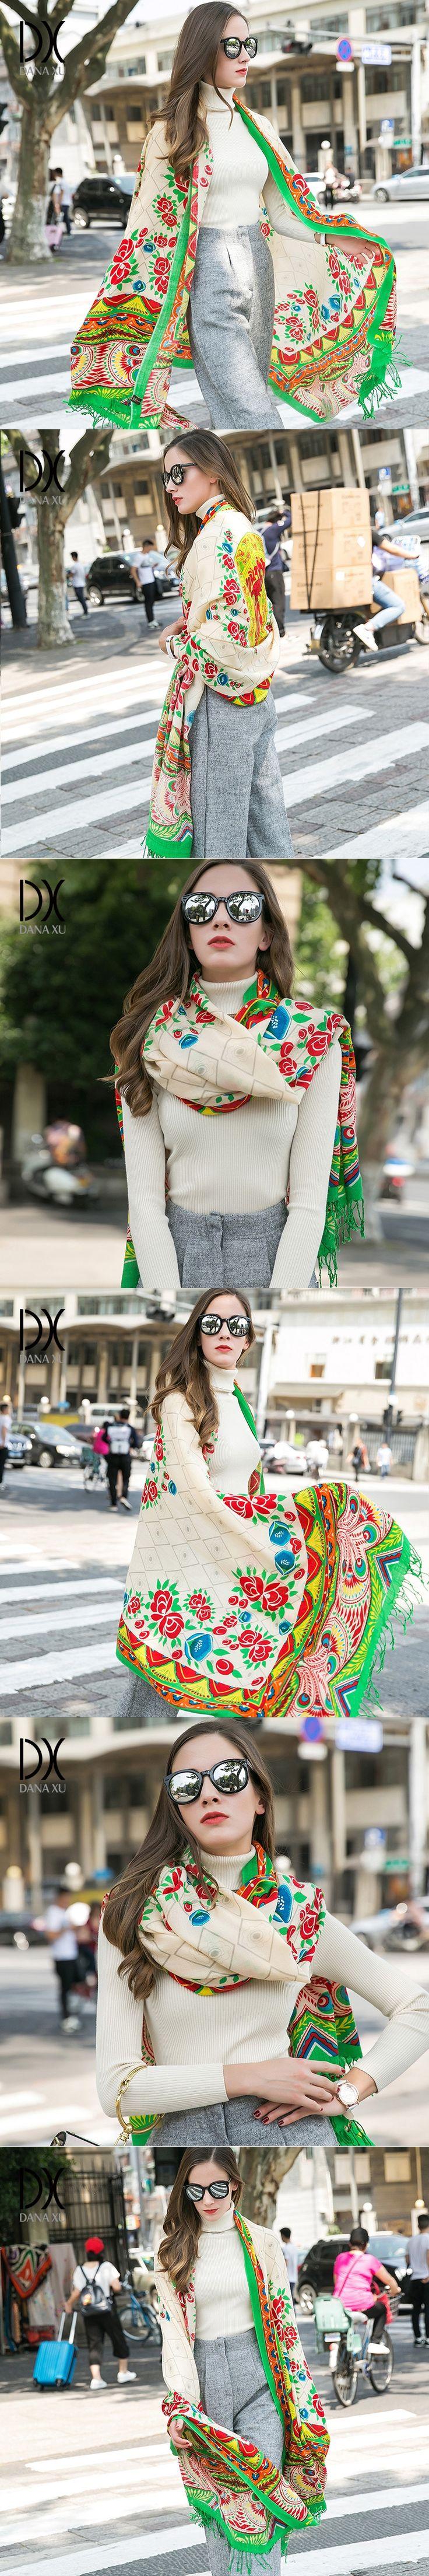 2017 European Autumn Winter Women Fashion Blanket Scarf Female Cashmere Pashmina Wool Scarf Shawl Warm Thick Scarves Cape Wraps